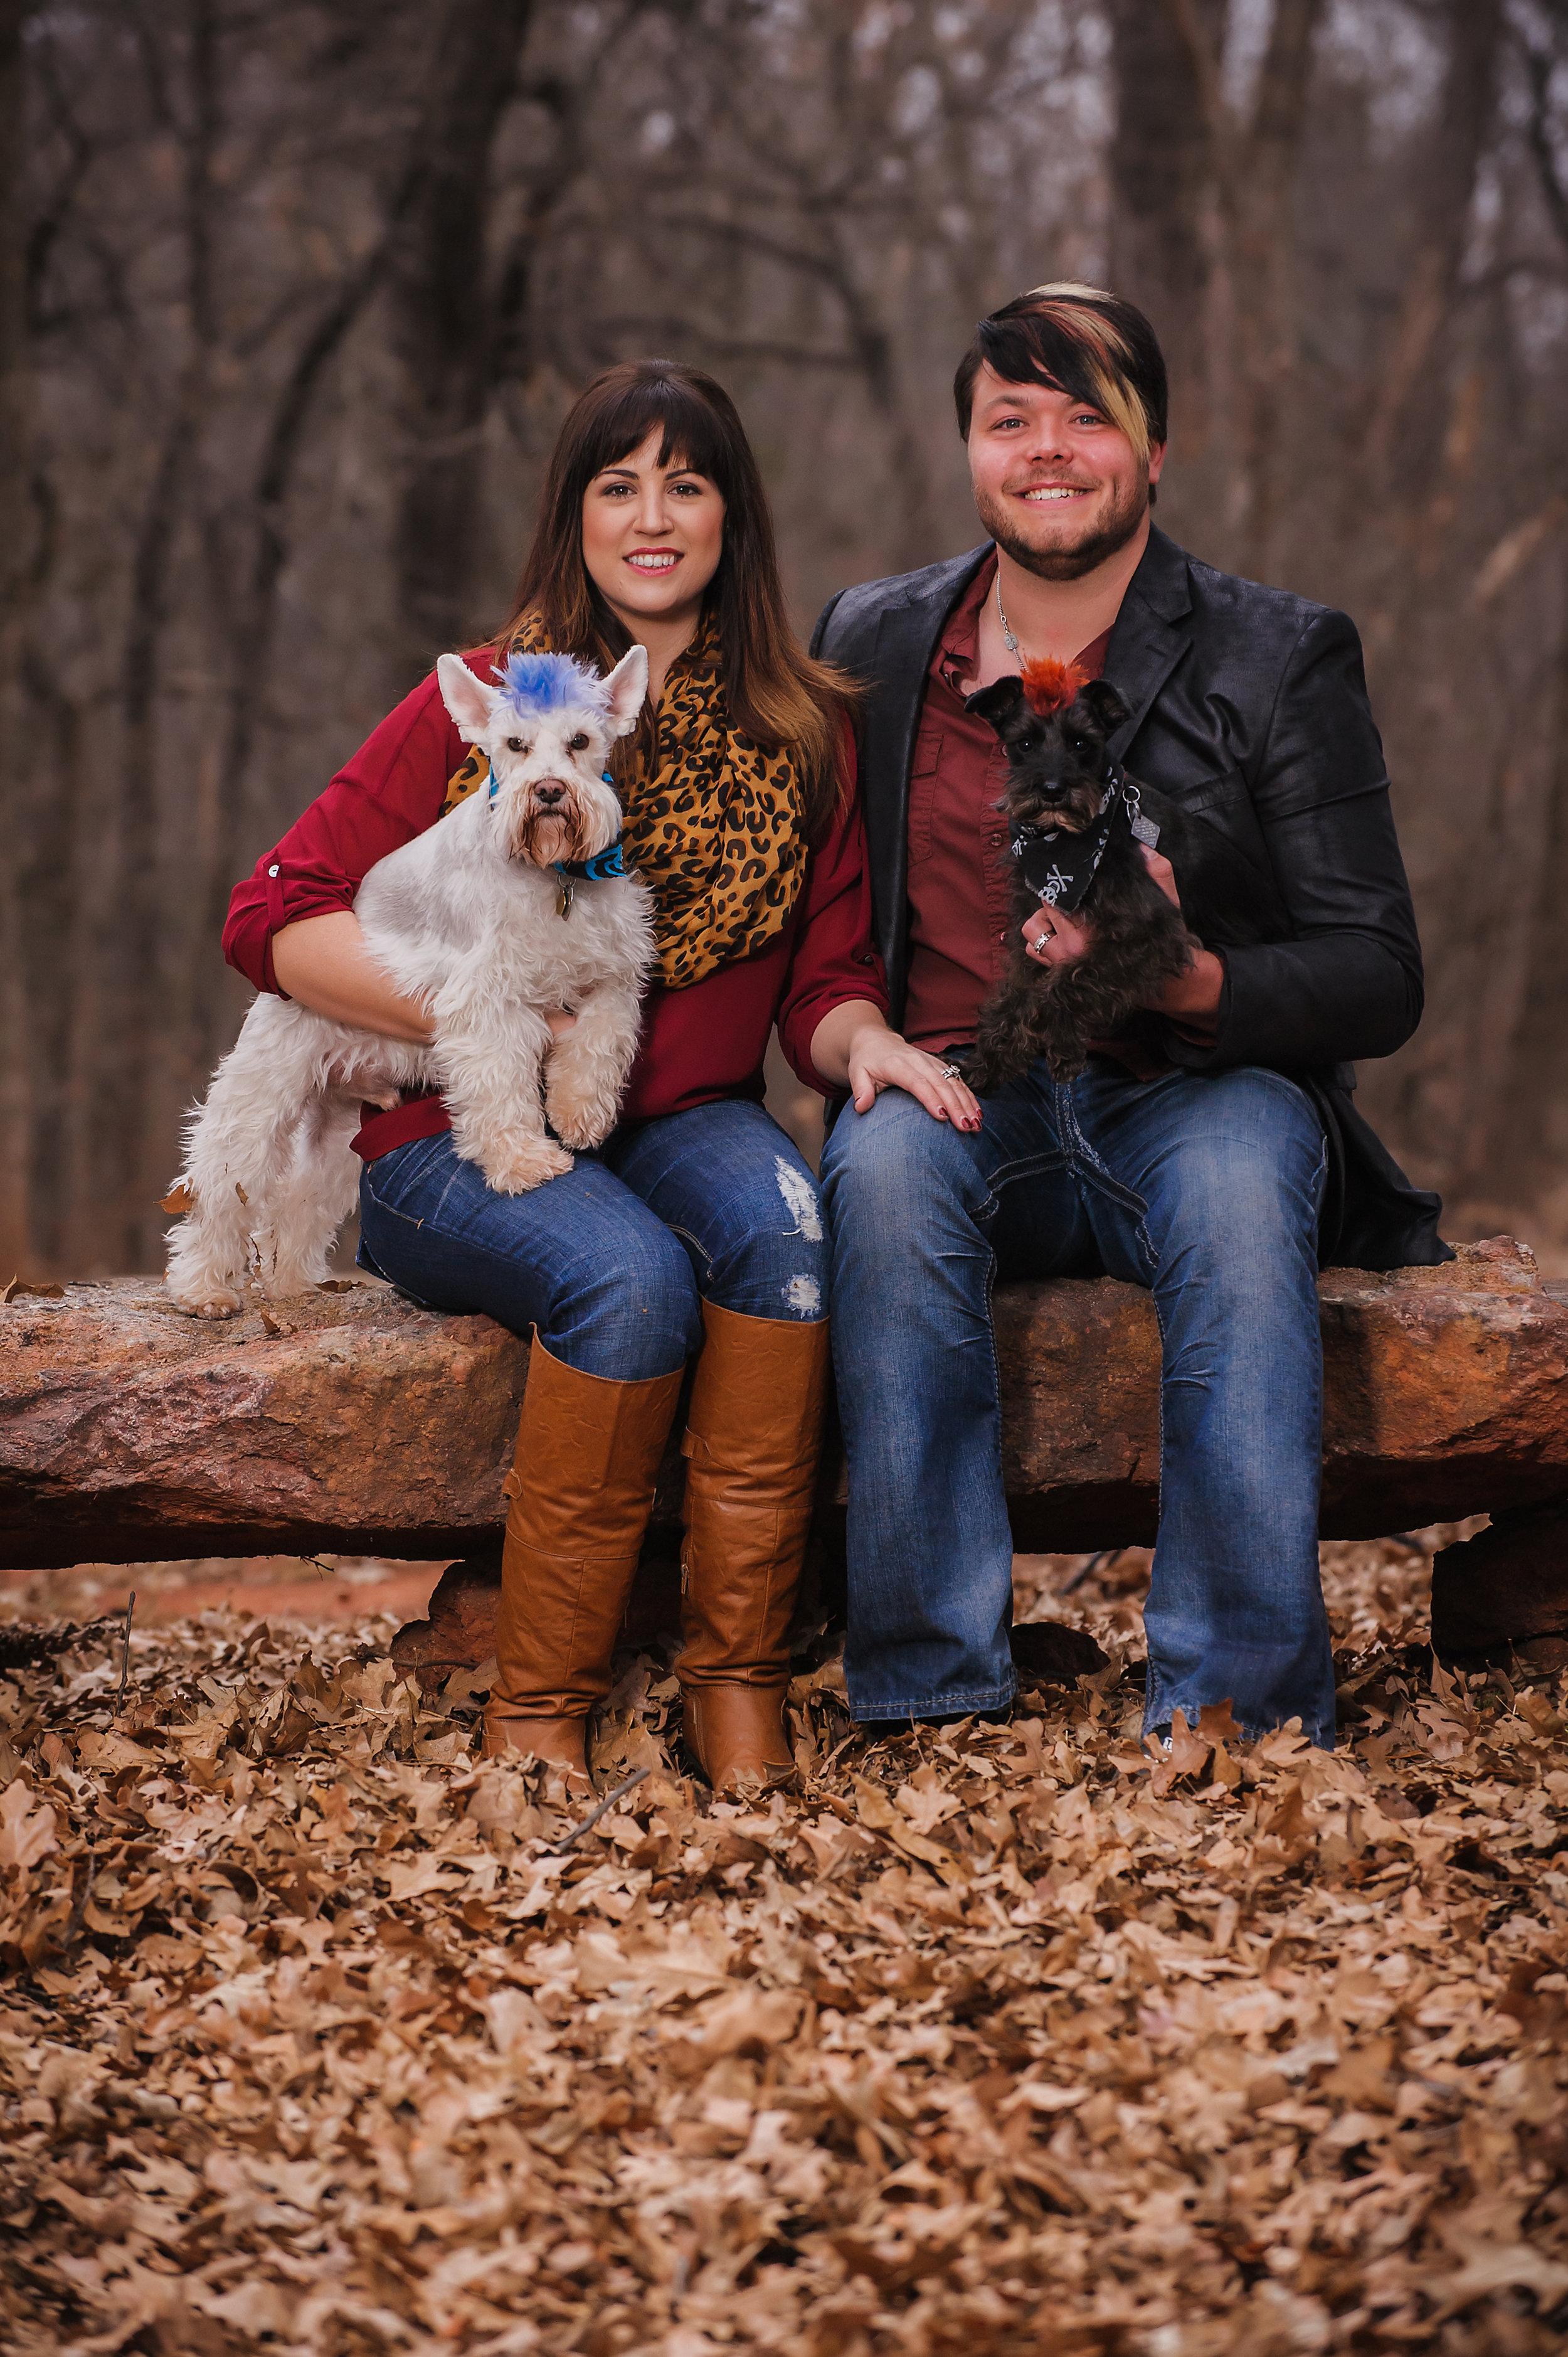 Woodhams-Family-015.jpg